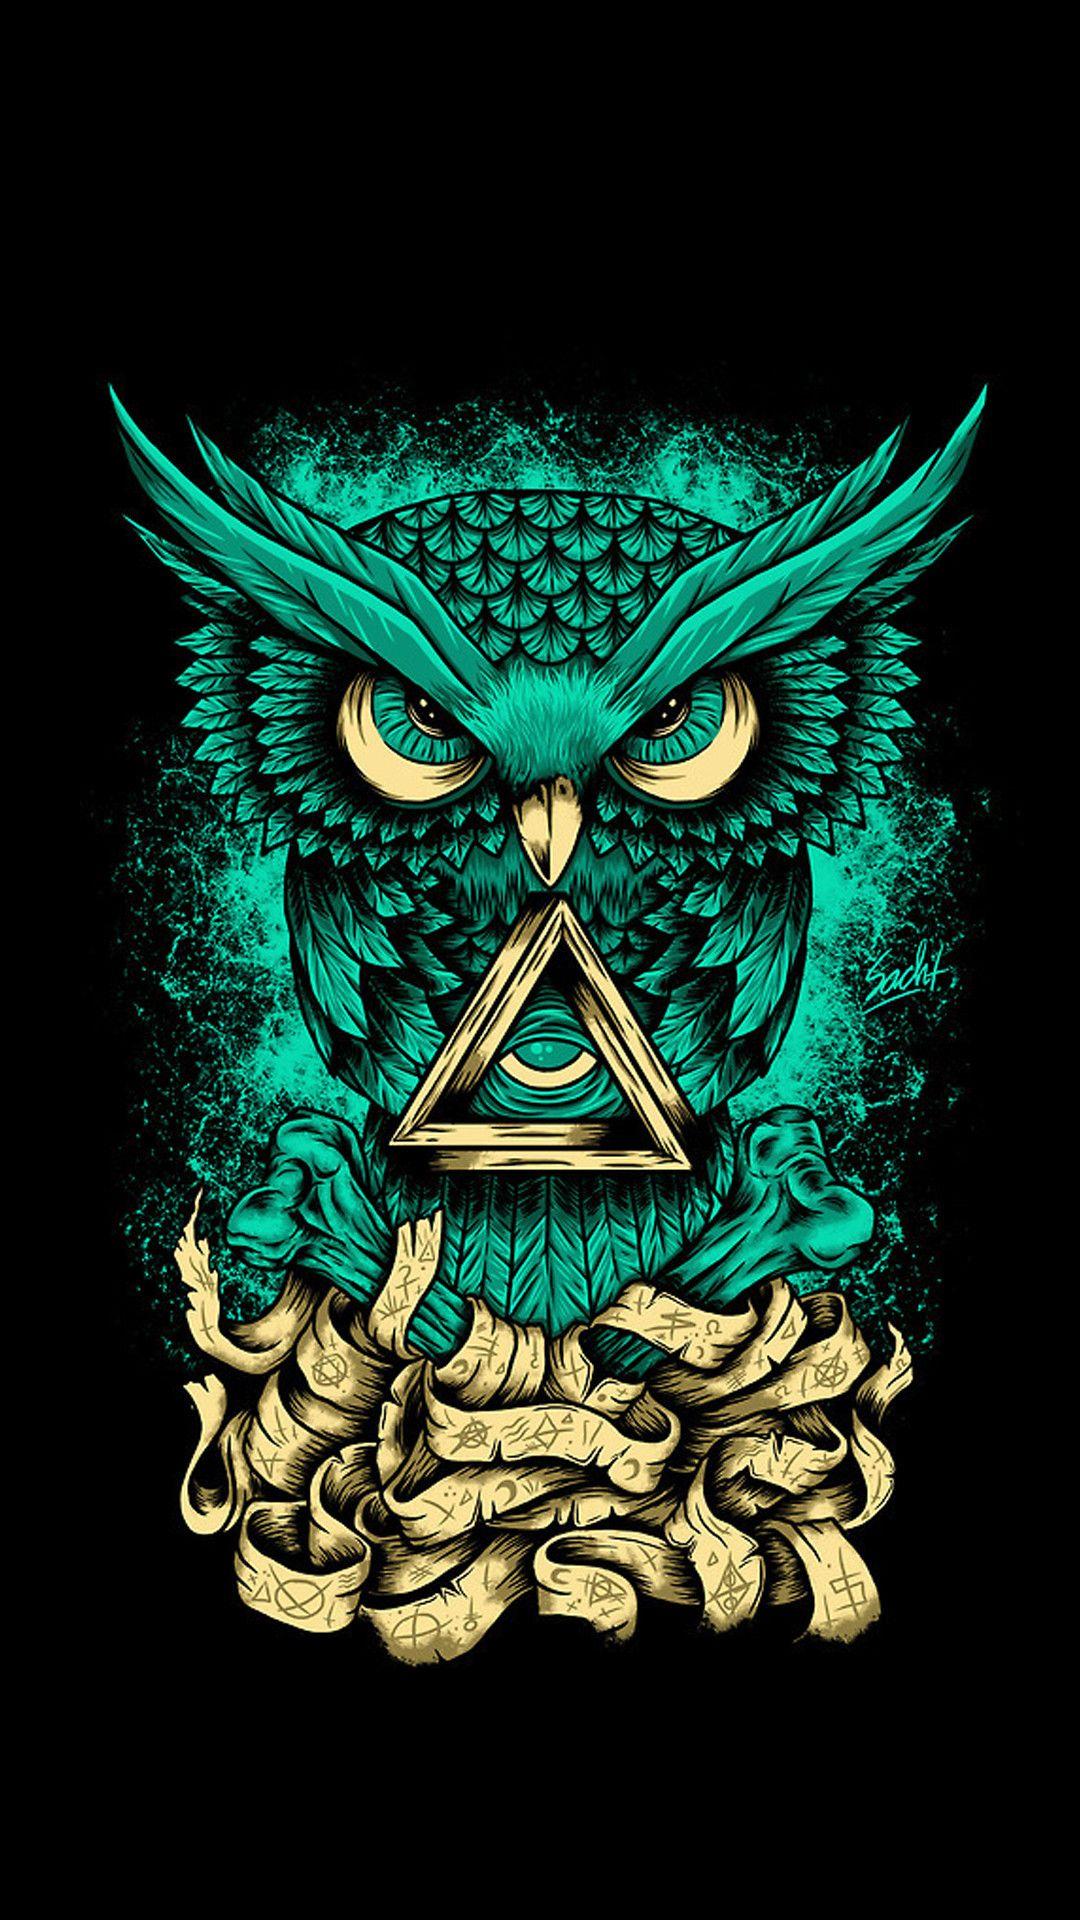 Illuminati owl cool pinterest illuminati illuminati owl buycottarizona Images